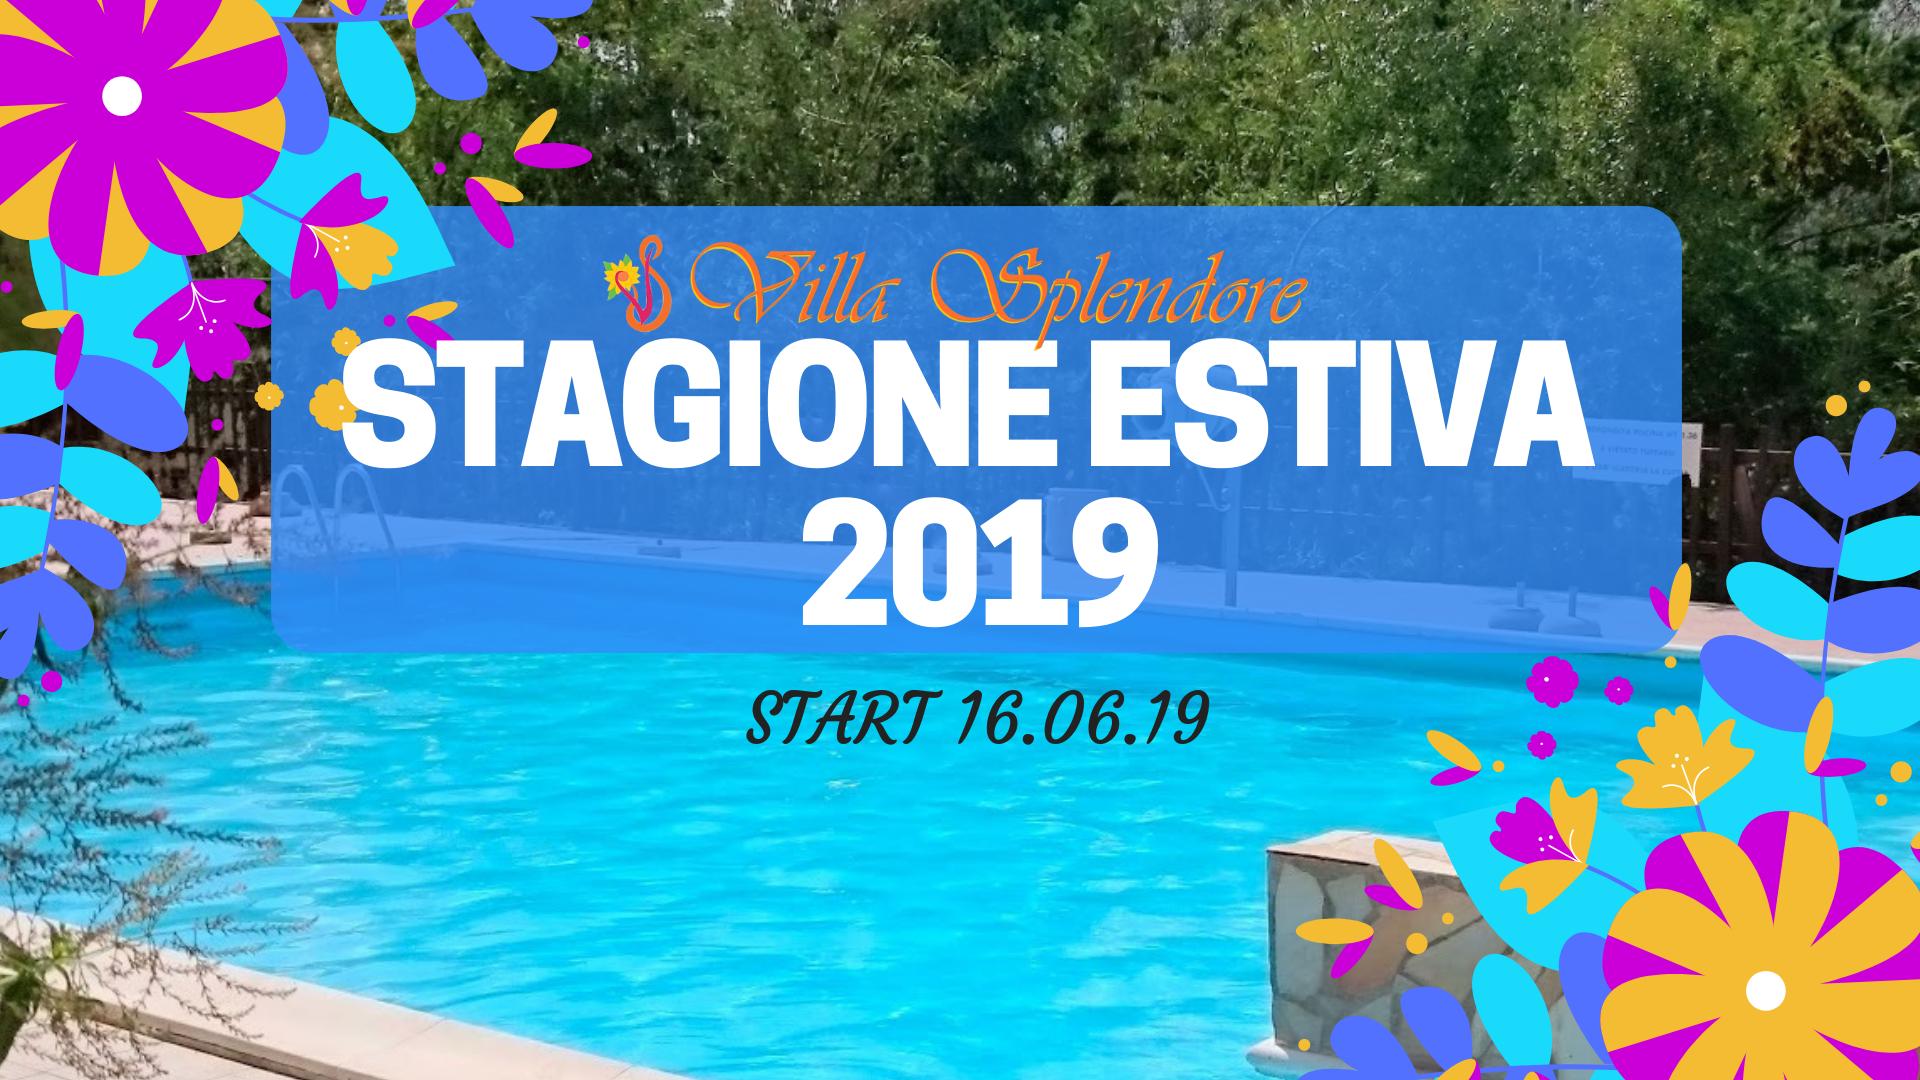 STAGIONE ESTIVA 2019